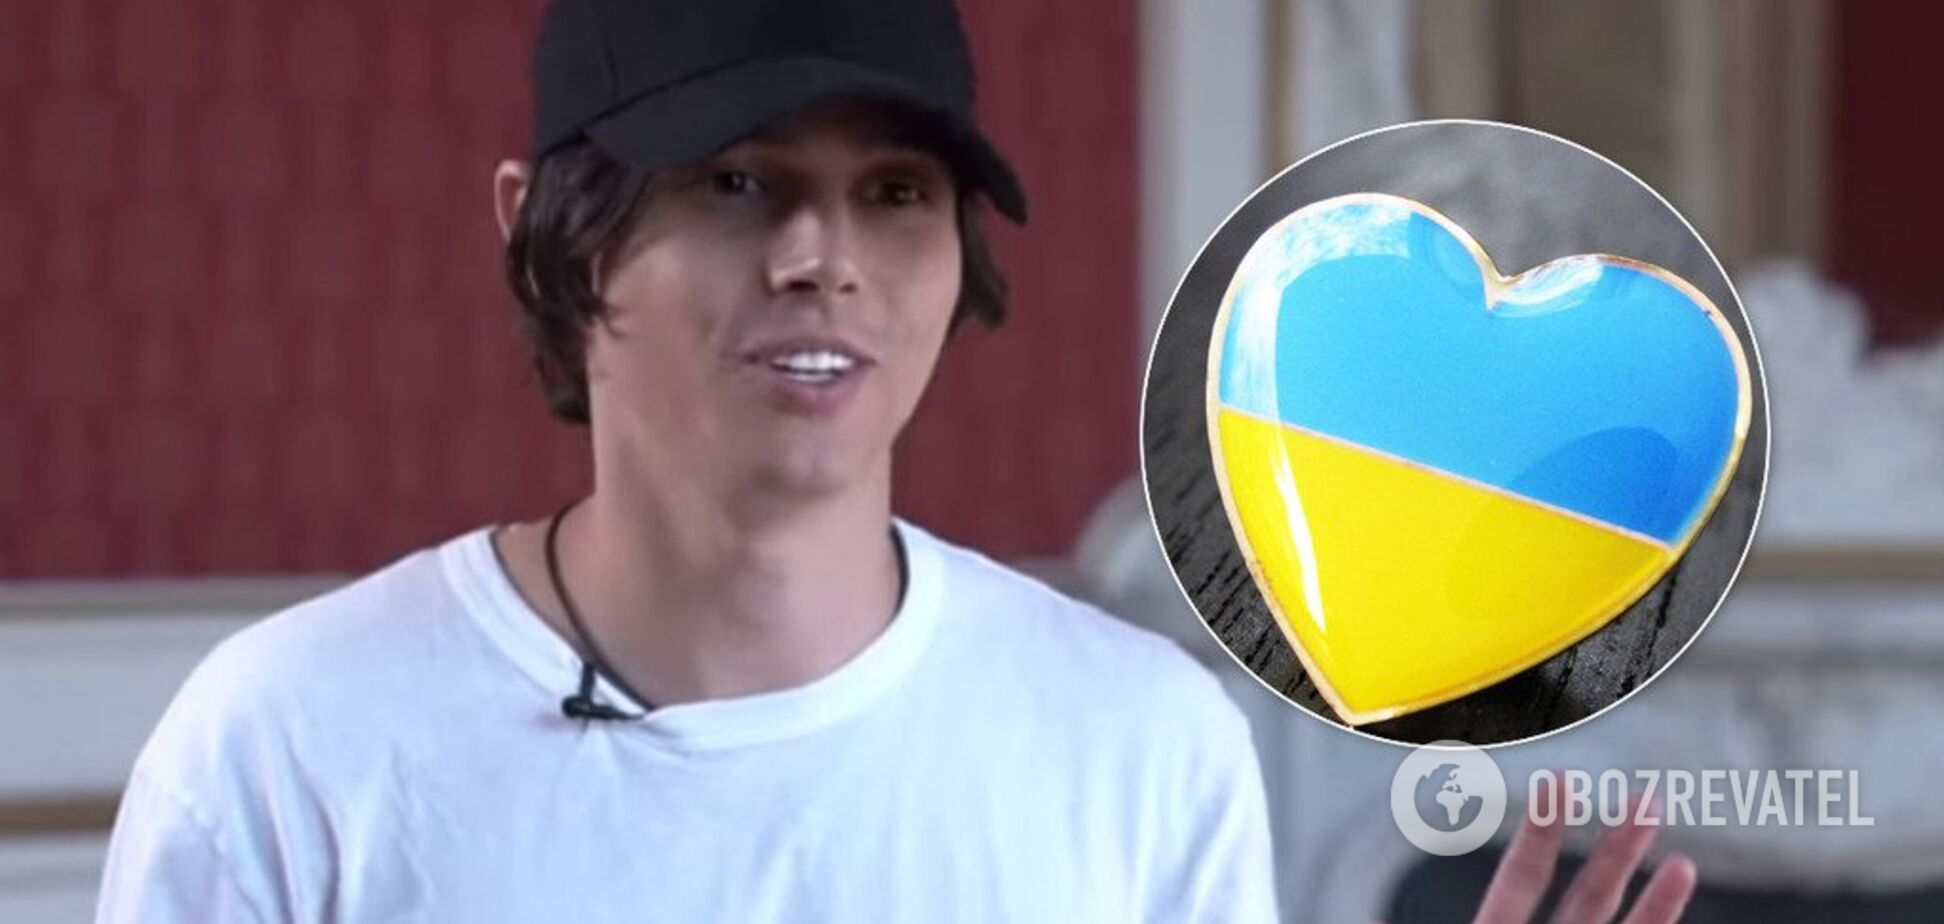 'Всіх поклала на лопатки': ALEKSEEV розхвалив Україну на росТБ